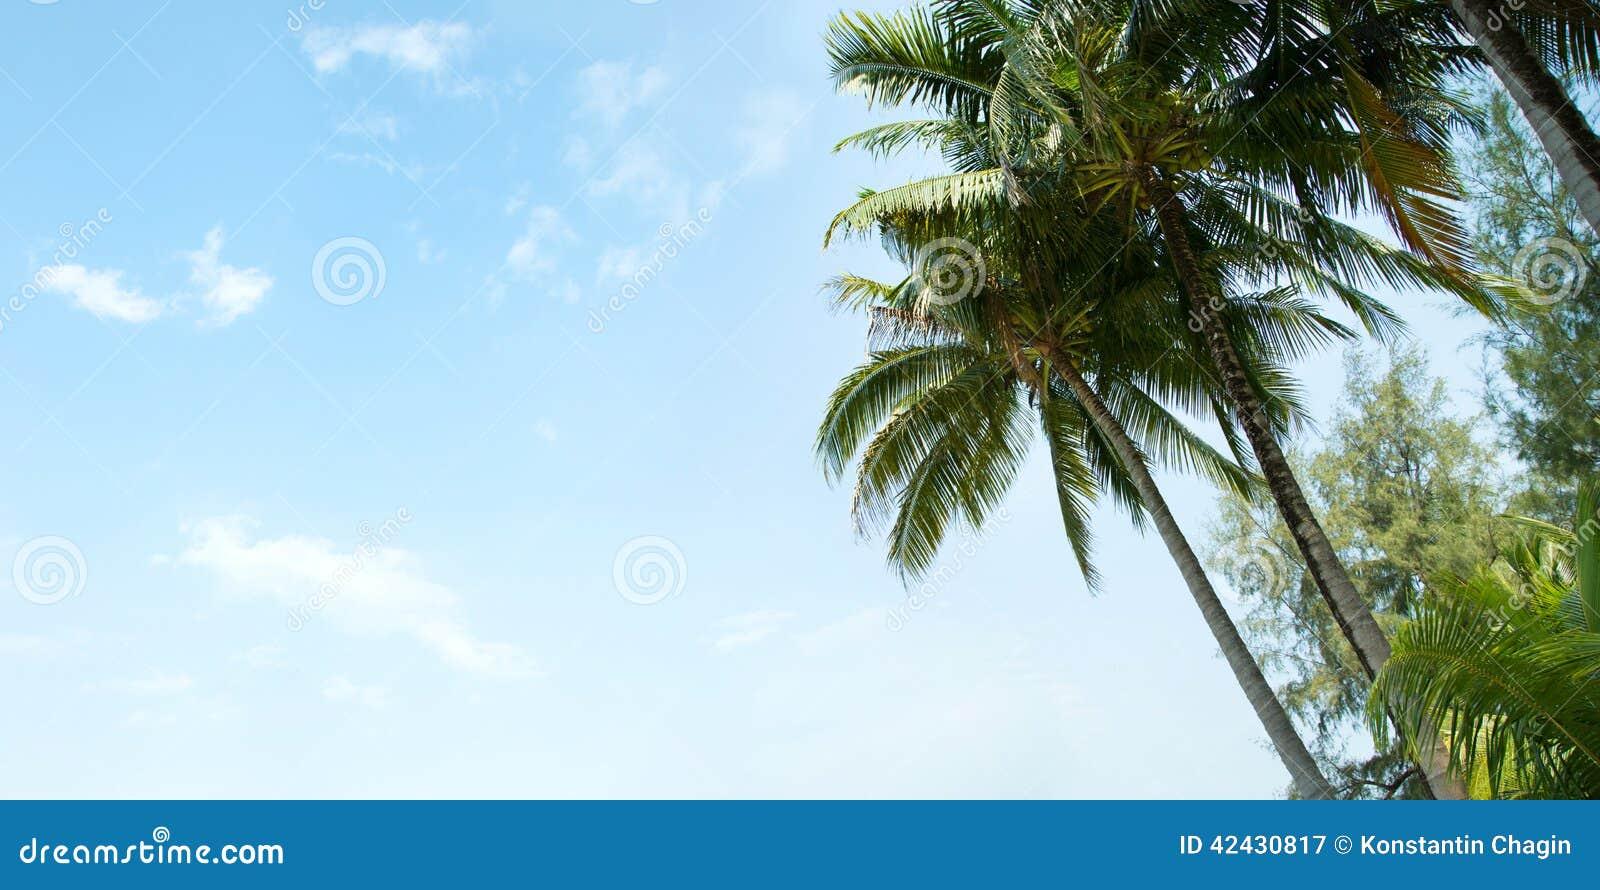 Una imagen de palmeras agradables